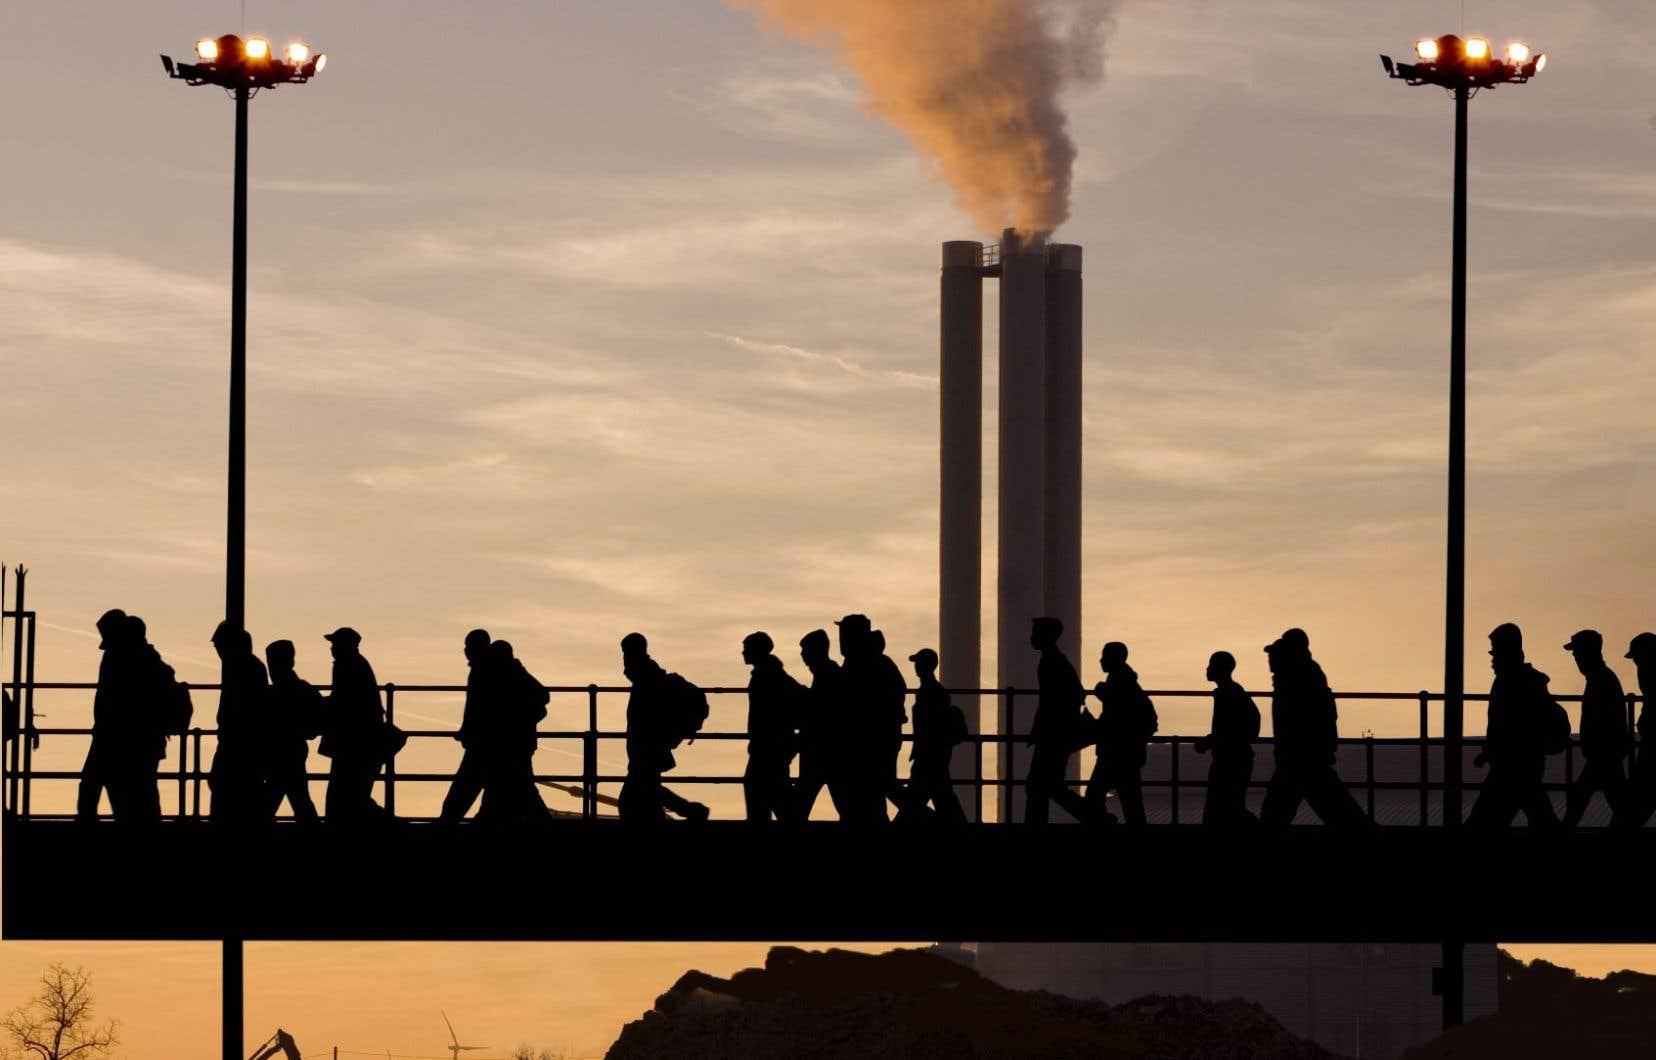 La désindustrialisation a provoqué une rupture majeure dans la vie de dizaines de millions de familles ouvrières, y compris celle de l'auteur.